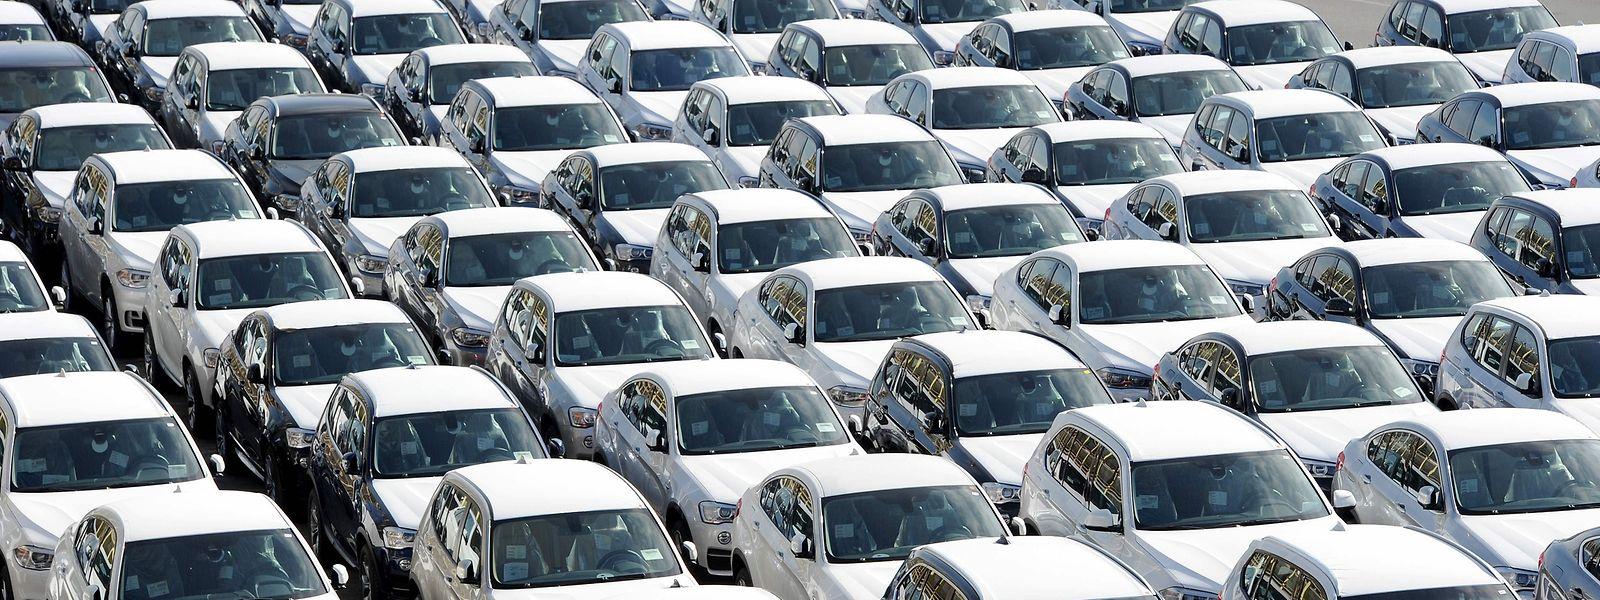 Nicht nur für die deutschen Hersteller würden die Zölle einen harten Schlag bedeuten.